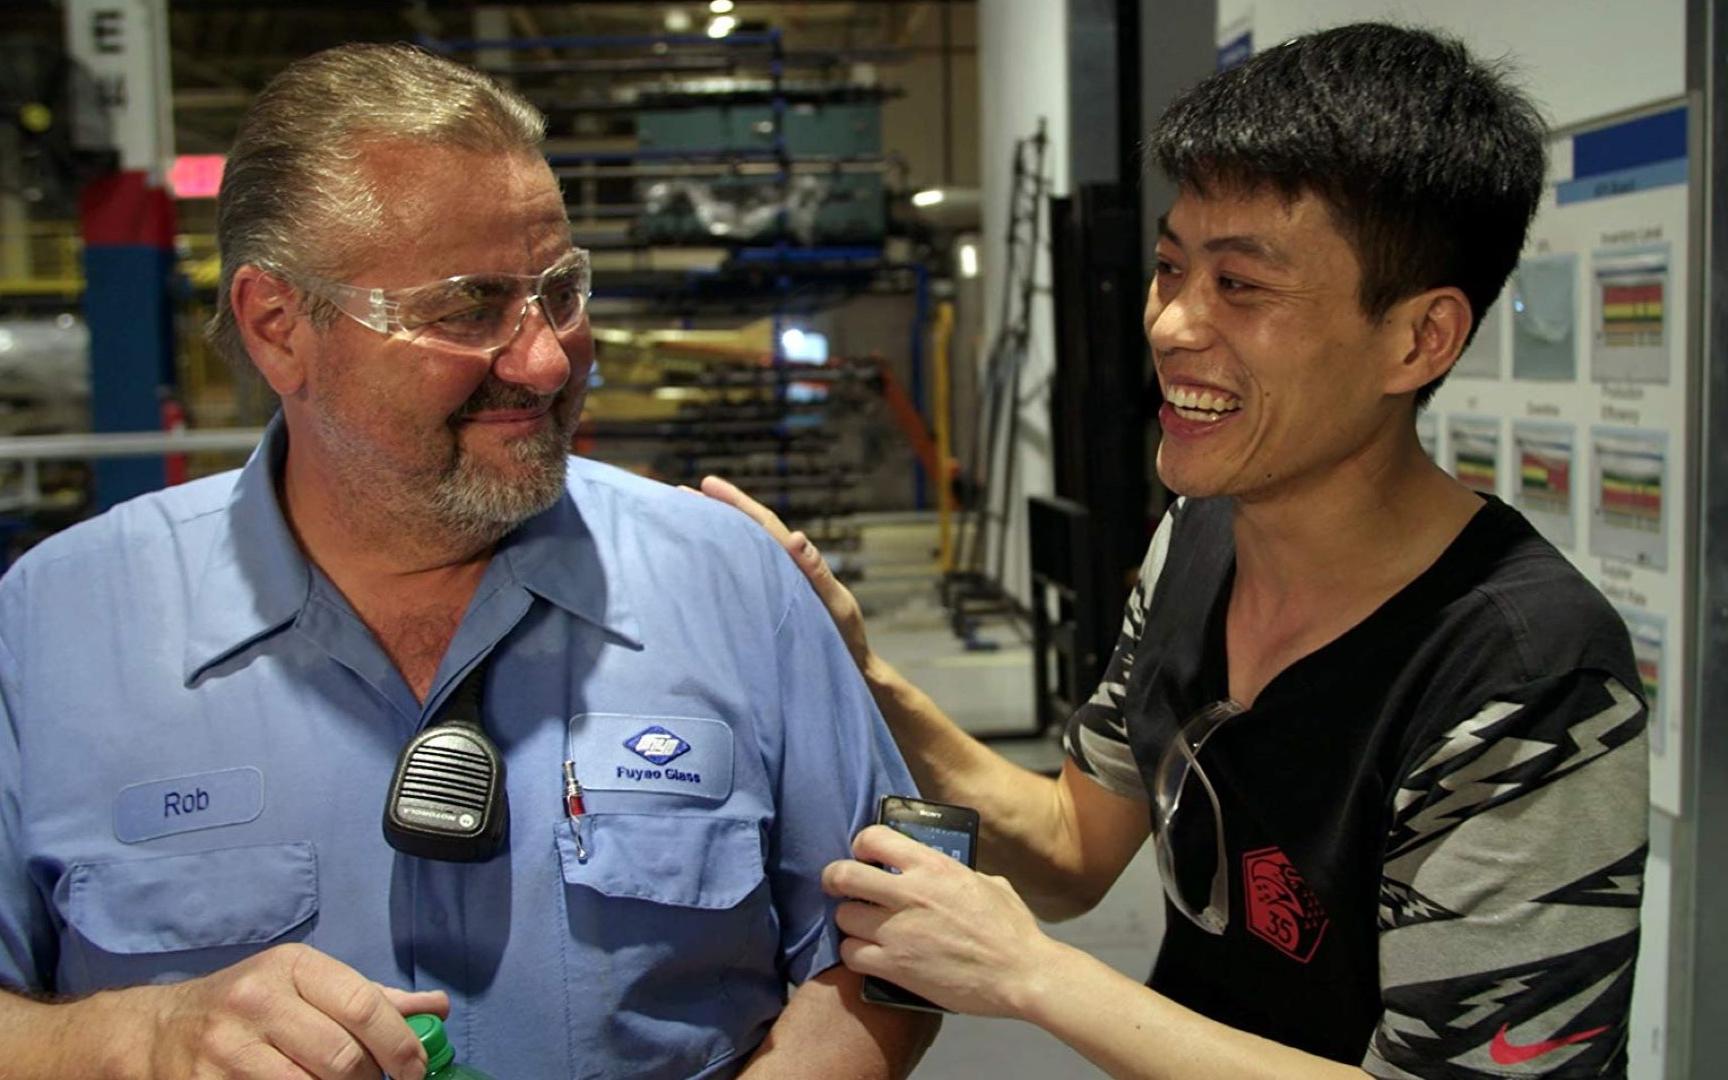 美国工人月薪3万都嫌少,中国工人勤劳吃苦是不是道德绑架?